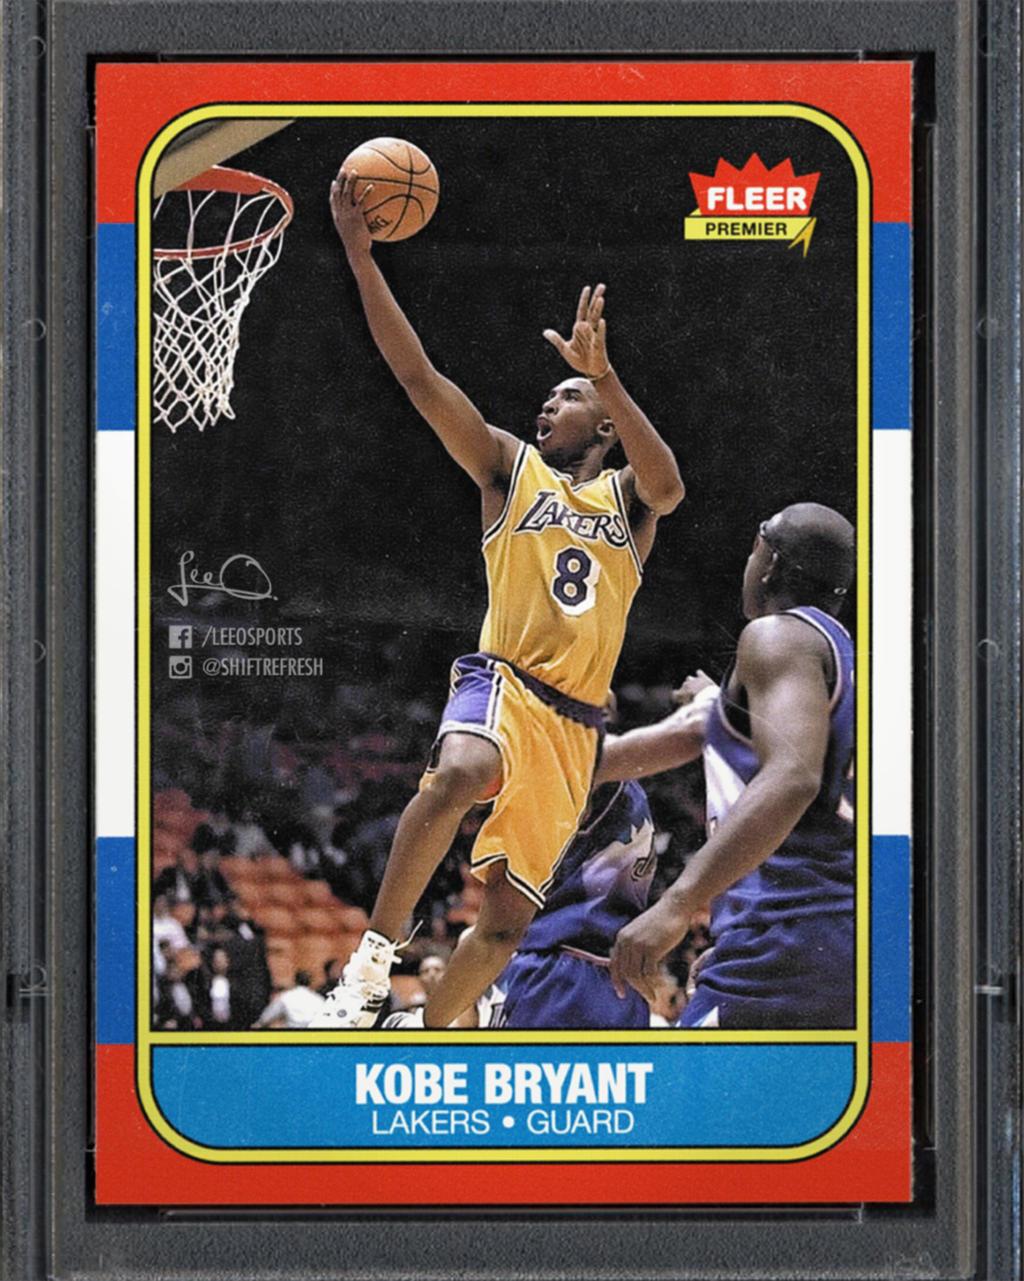 Kobe Bryant Basketball Shoes Size